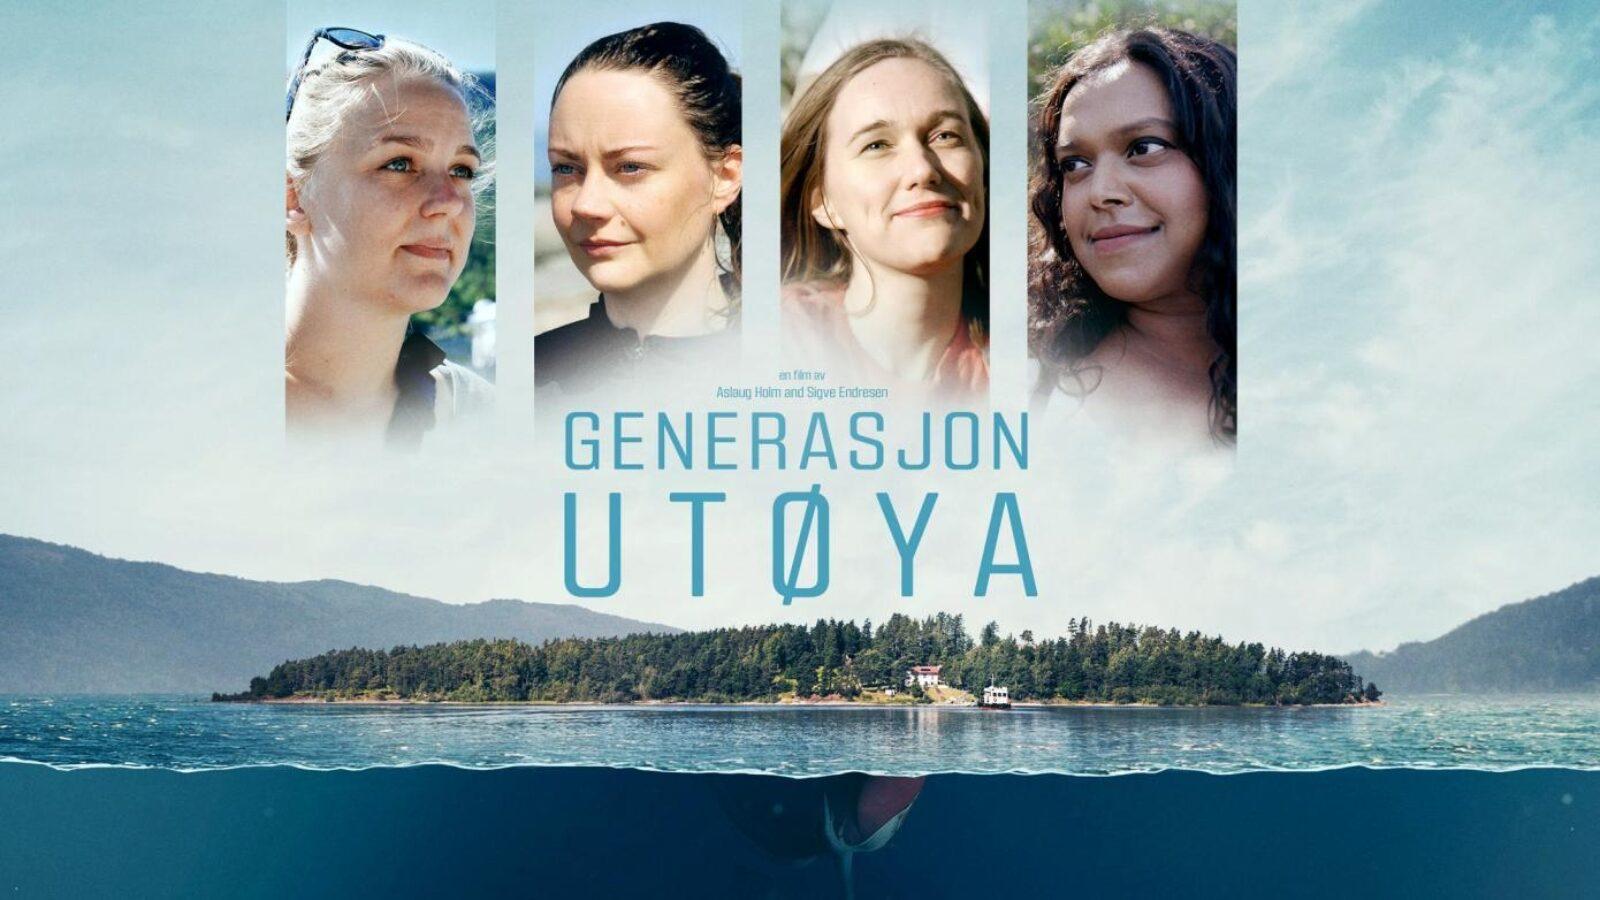 Generasjon Utøya 1